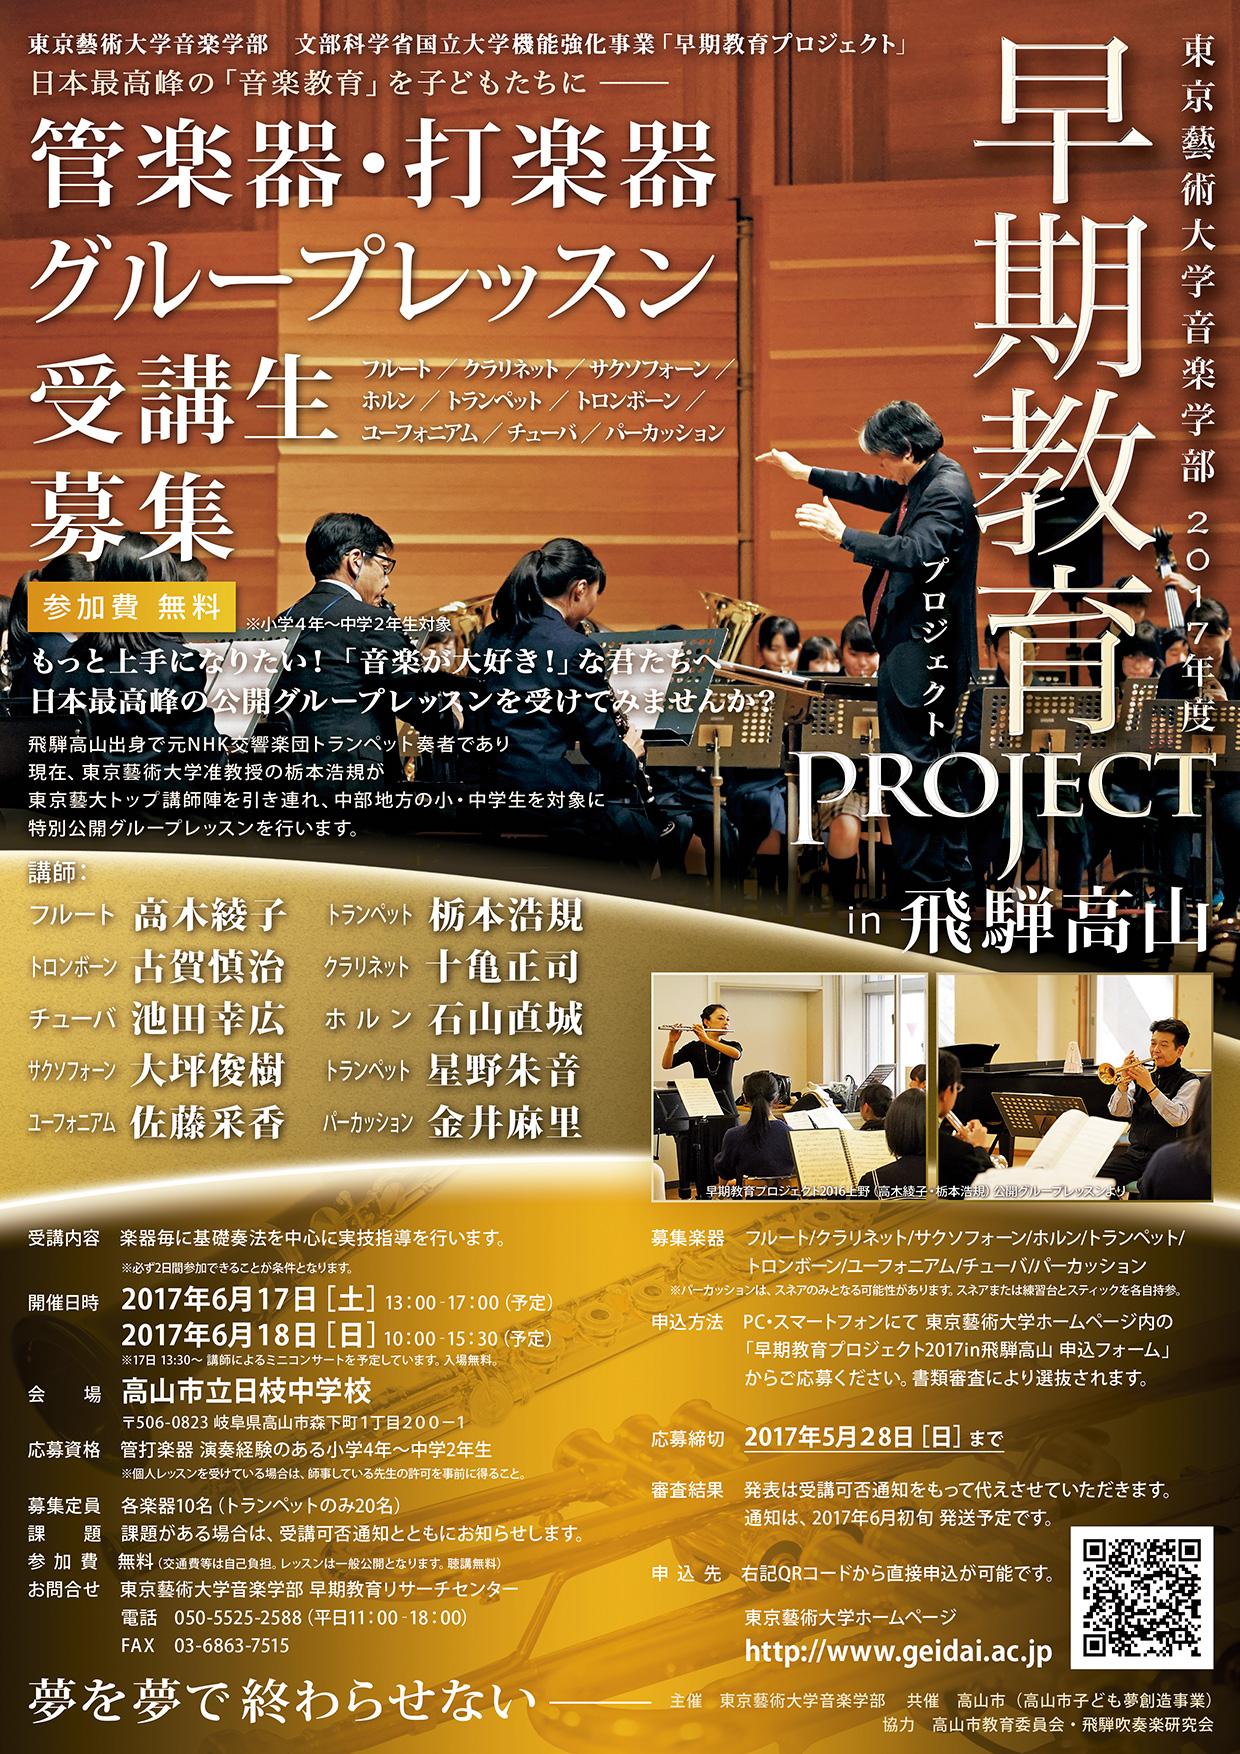 早期教育プロジェクト2017in飛騨高山